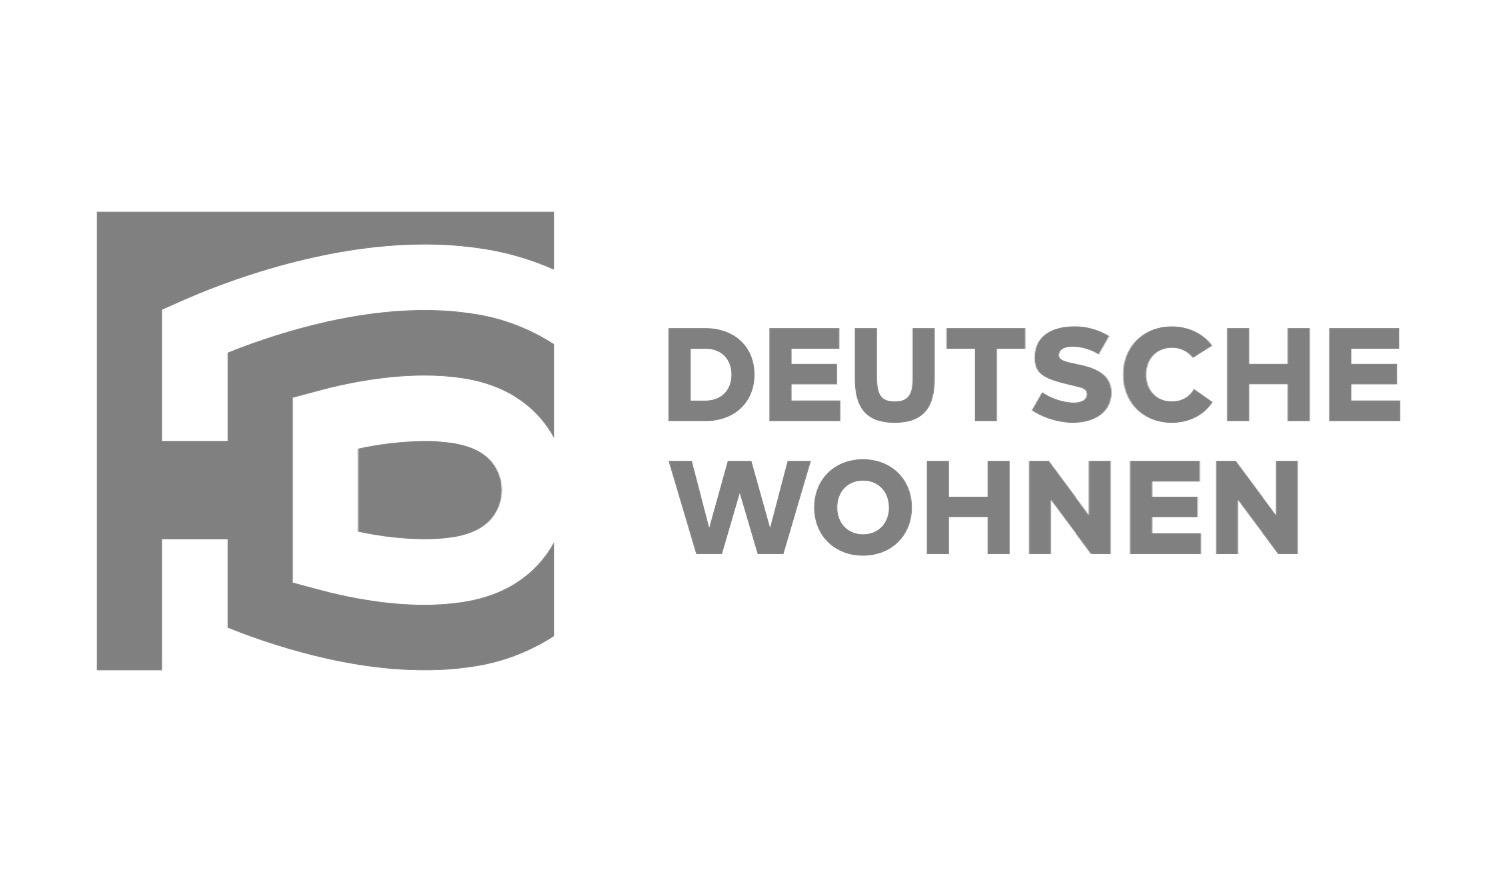 DeutscheWohnen